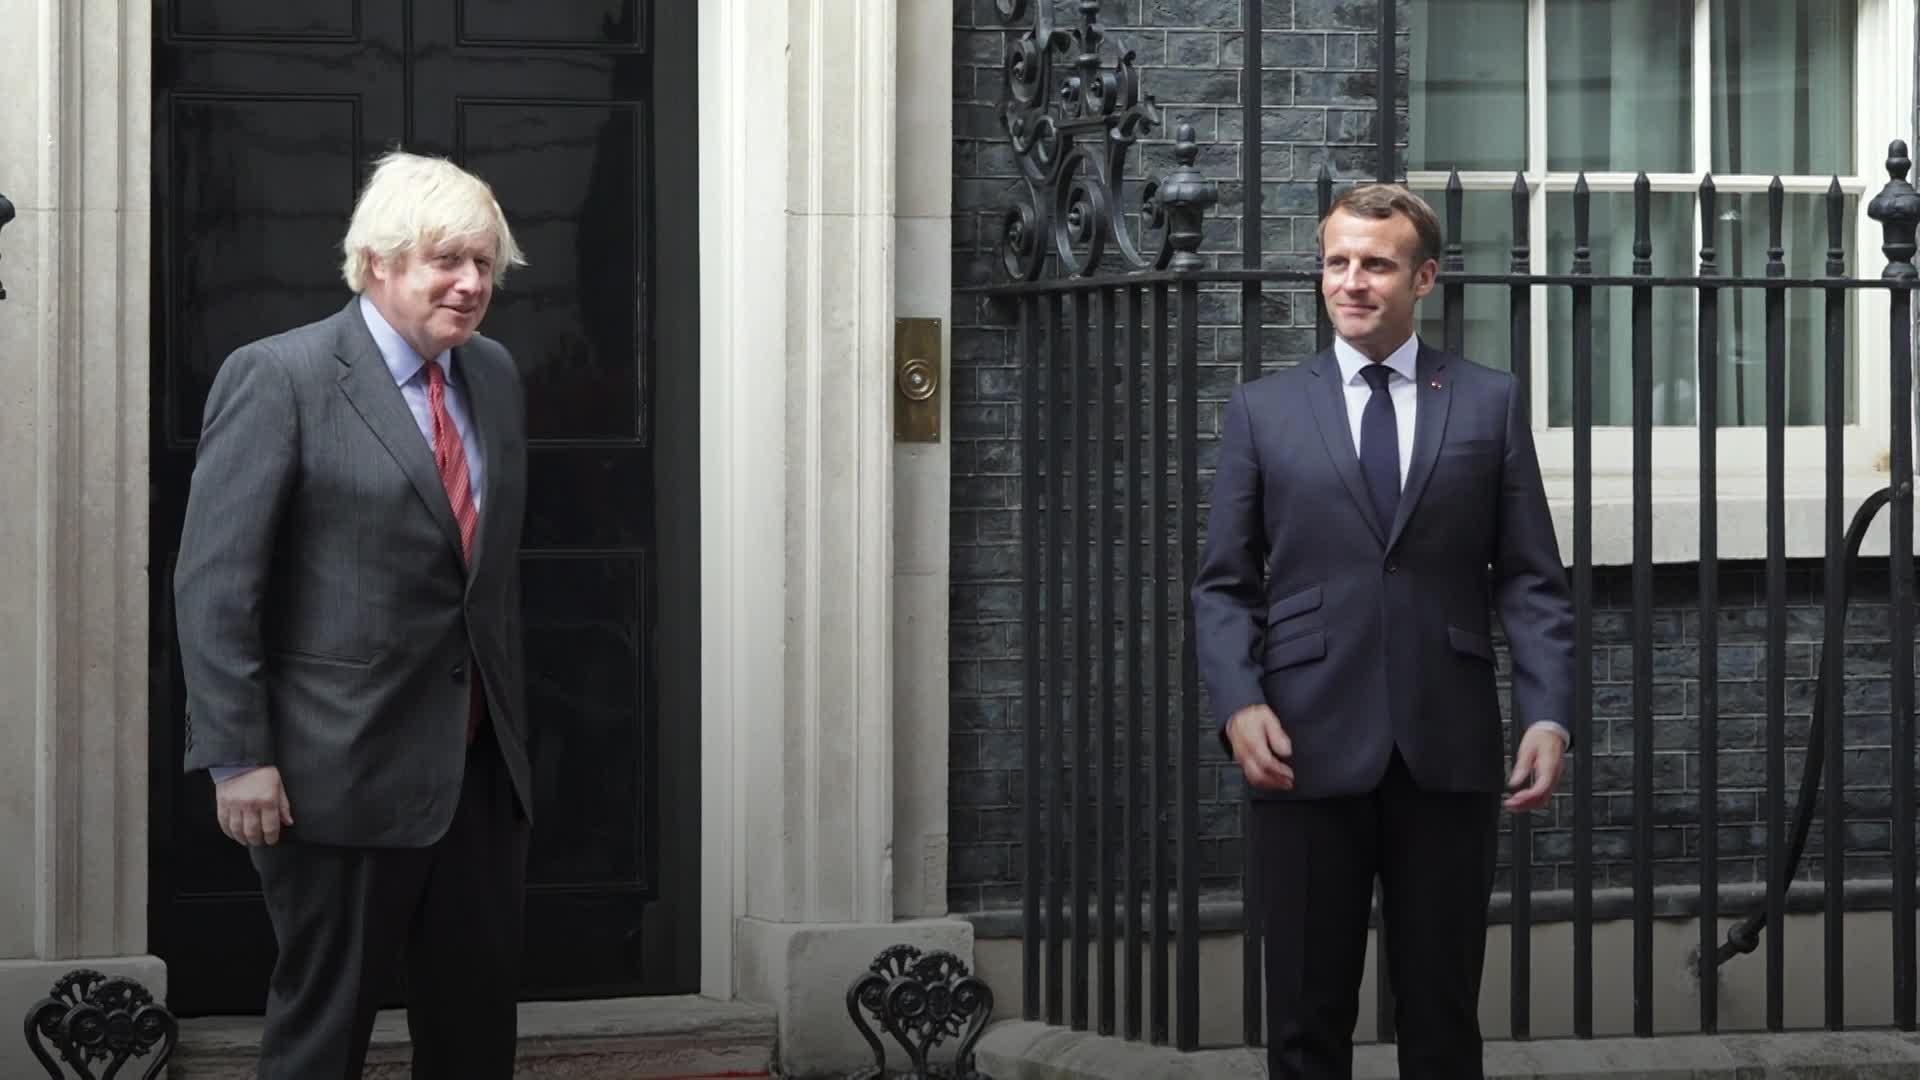 Emmanuel Macron meets Boris Johnson outside 10 Downing Street